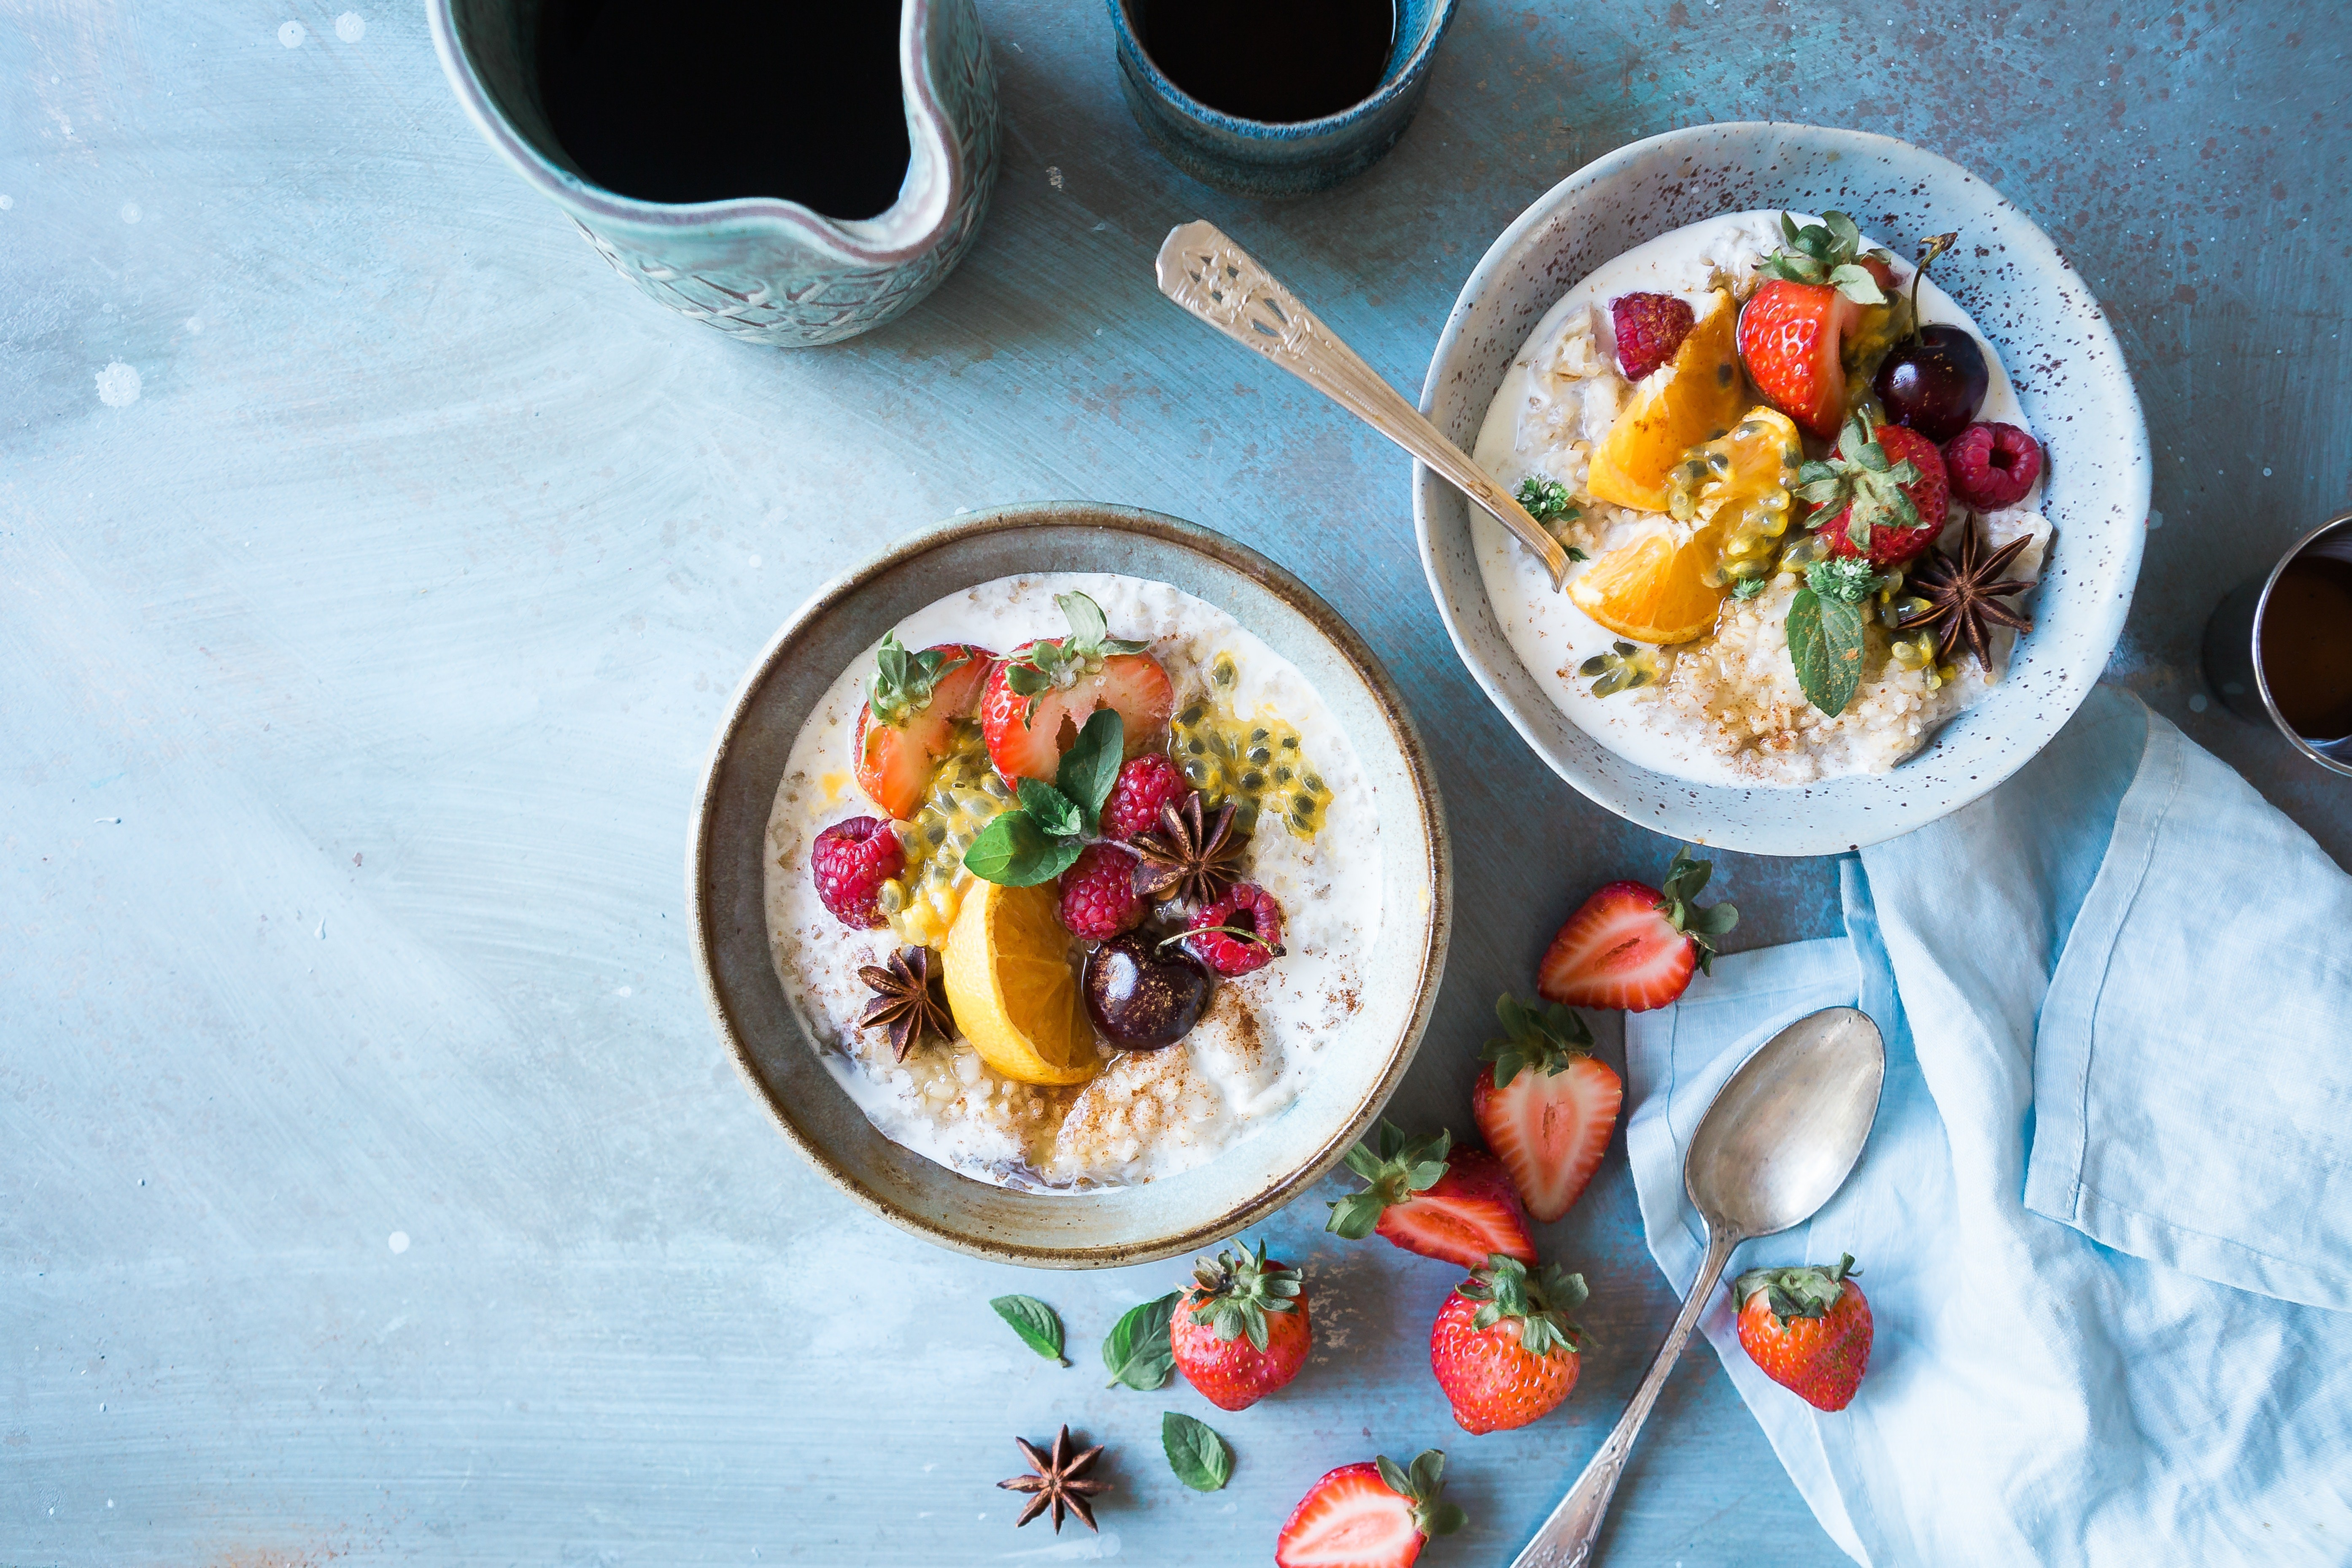 Как перестроиться на правильное питание. 9 дельных советов